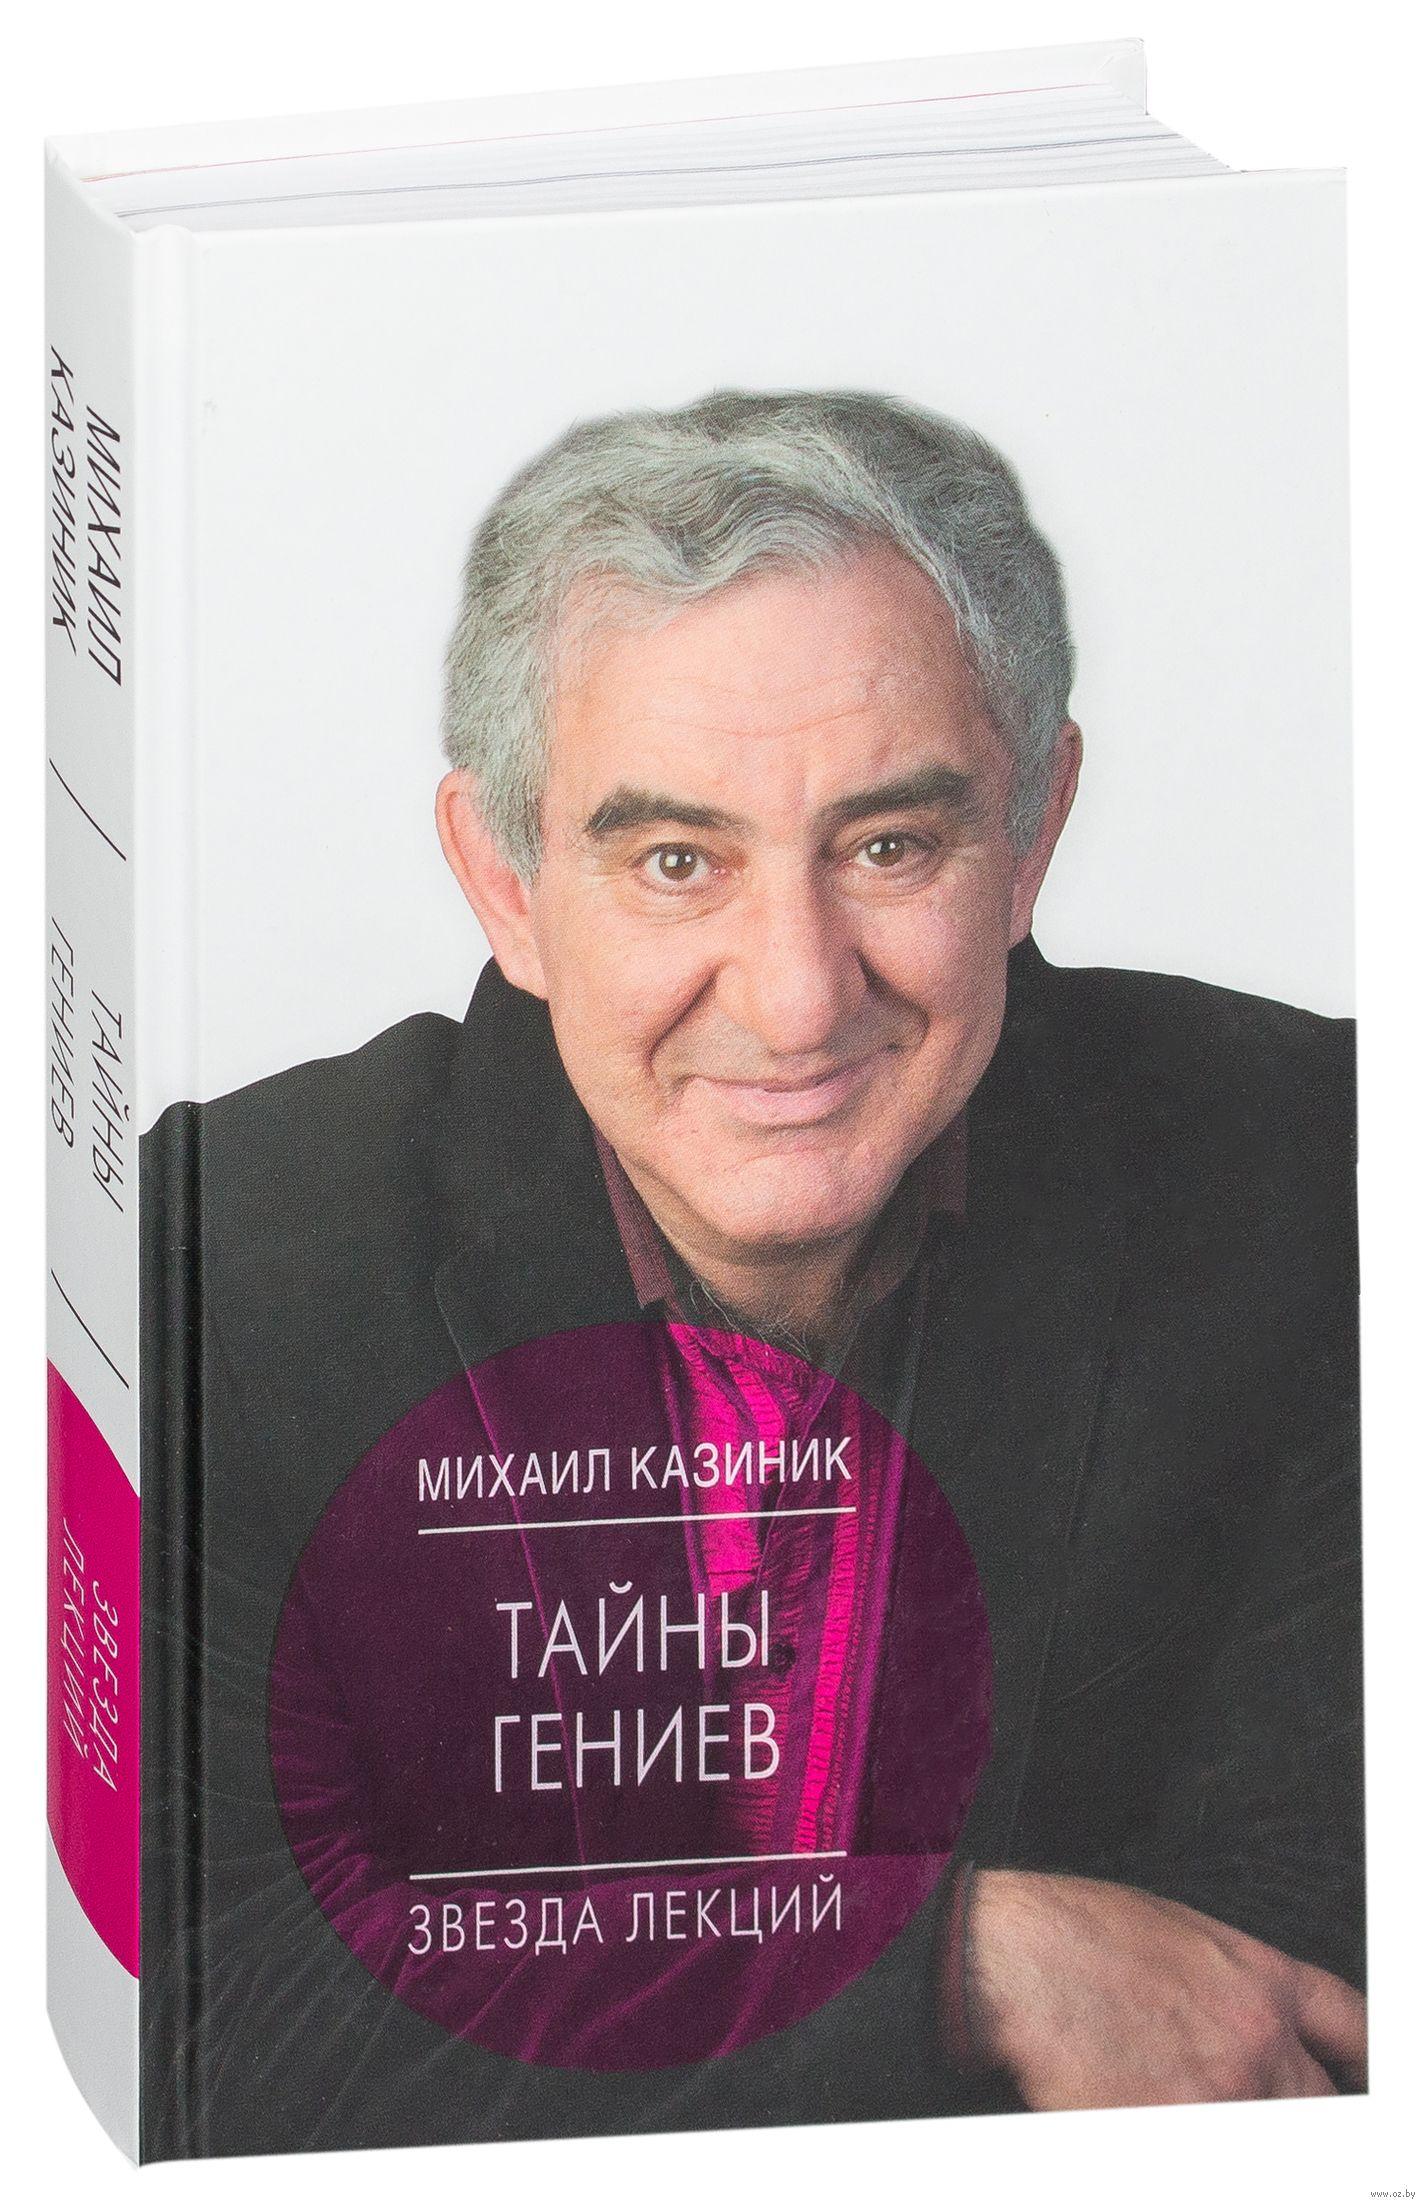 М.КАЗИНИК ТАЙНЫ ГЕНИЕВ СКАЧАТЬ БЕСПЛАТНО